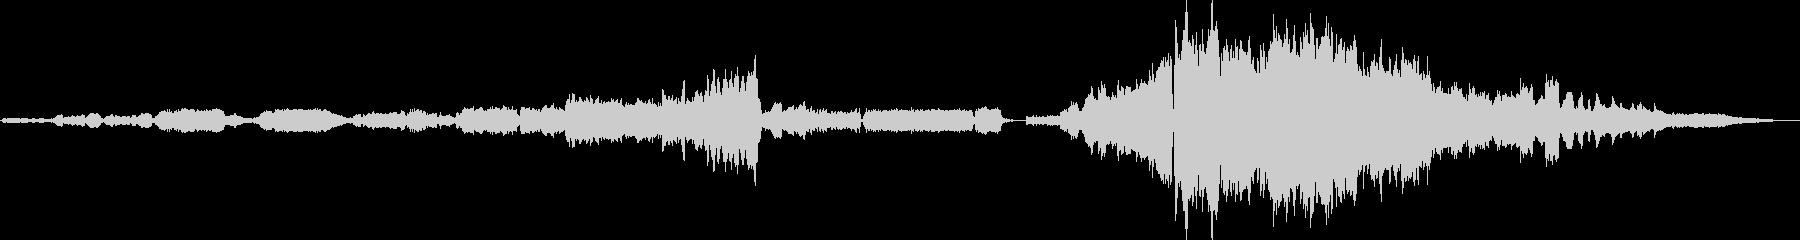 ノクターンNo20ダイナミックな管弦楽版の未再生の波形